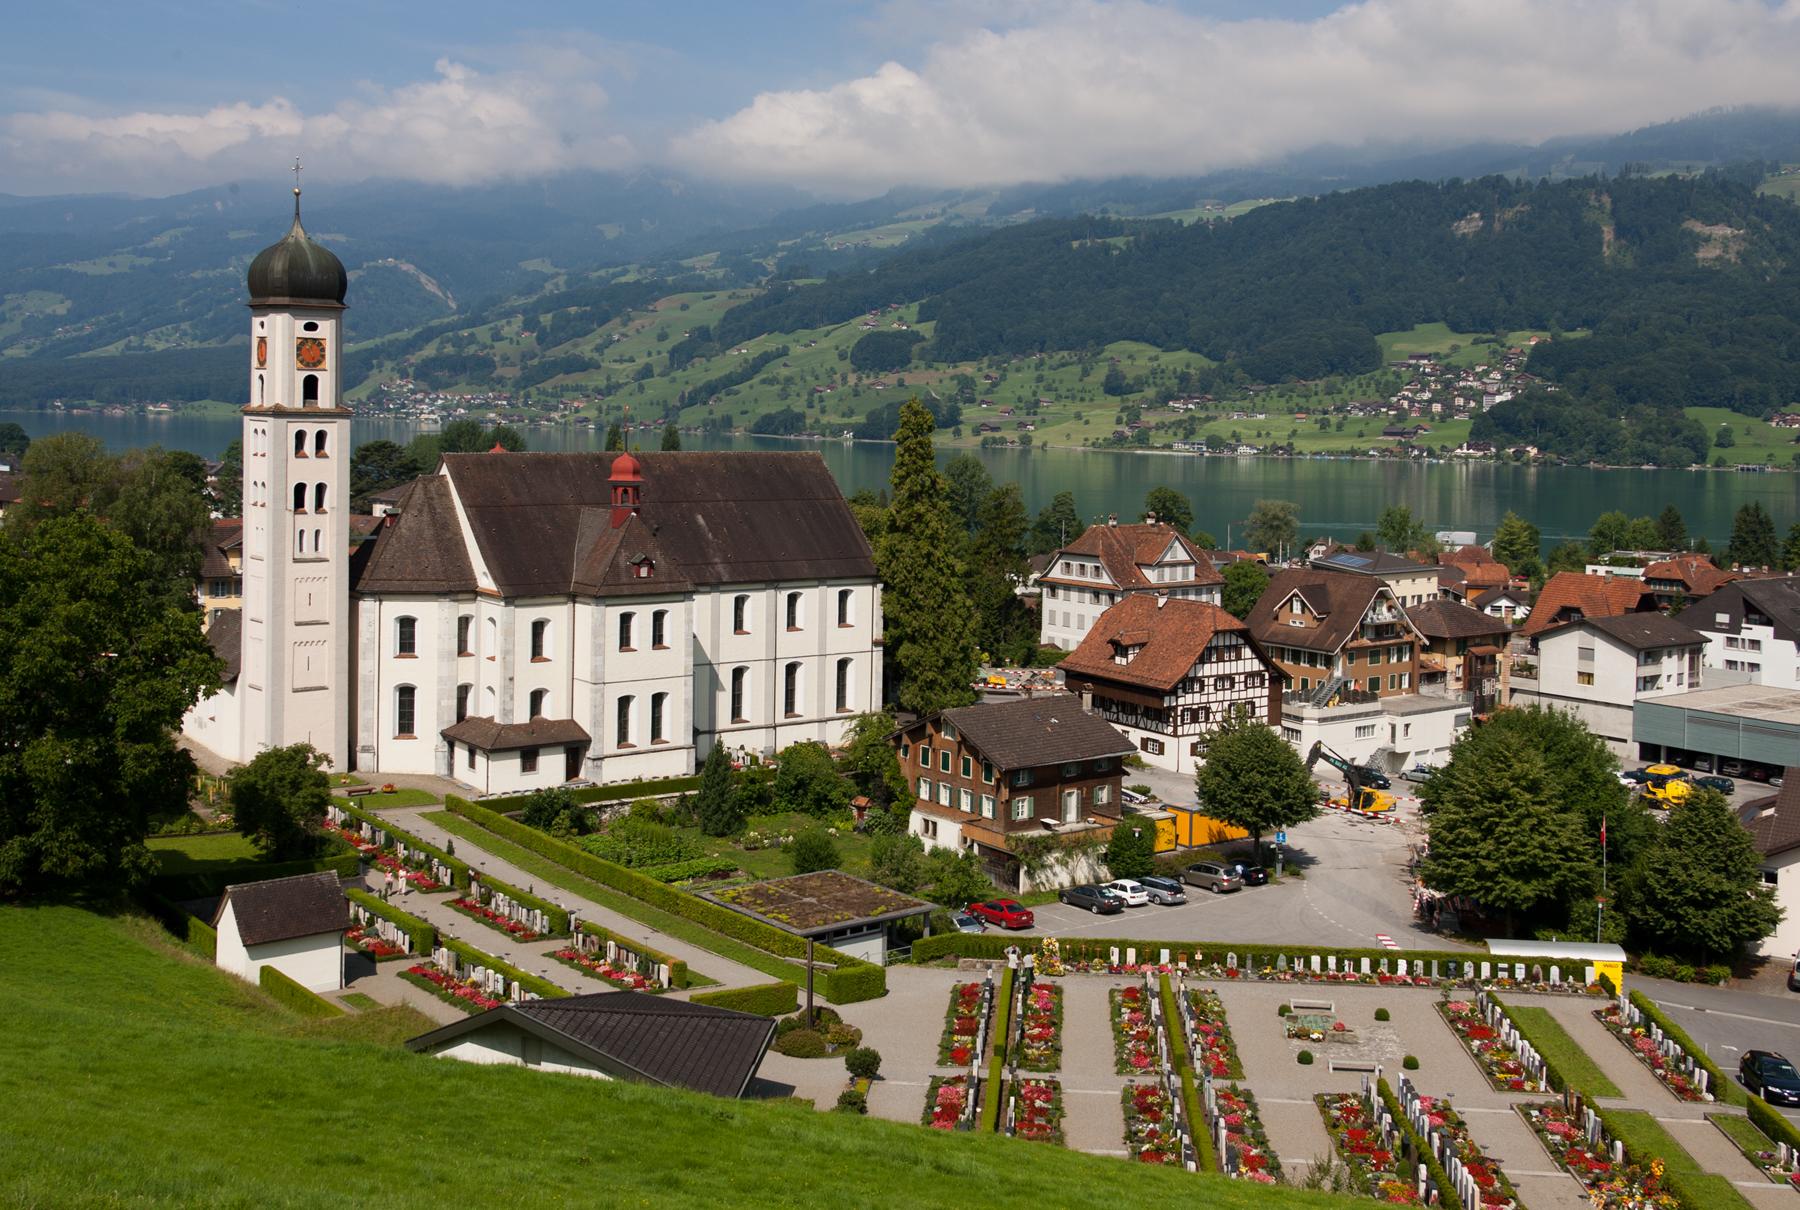 Pfarrkirche in Sachseln